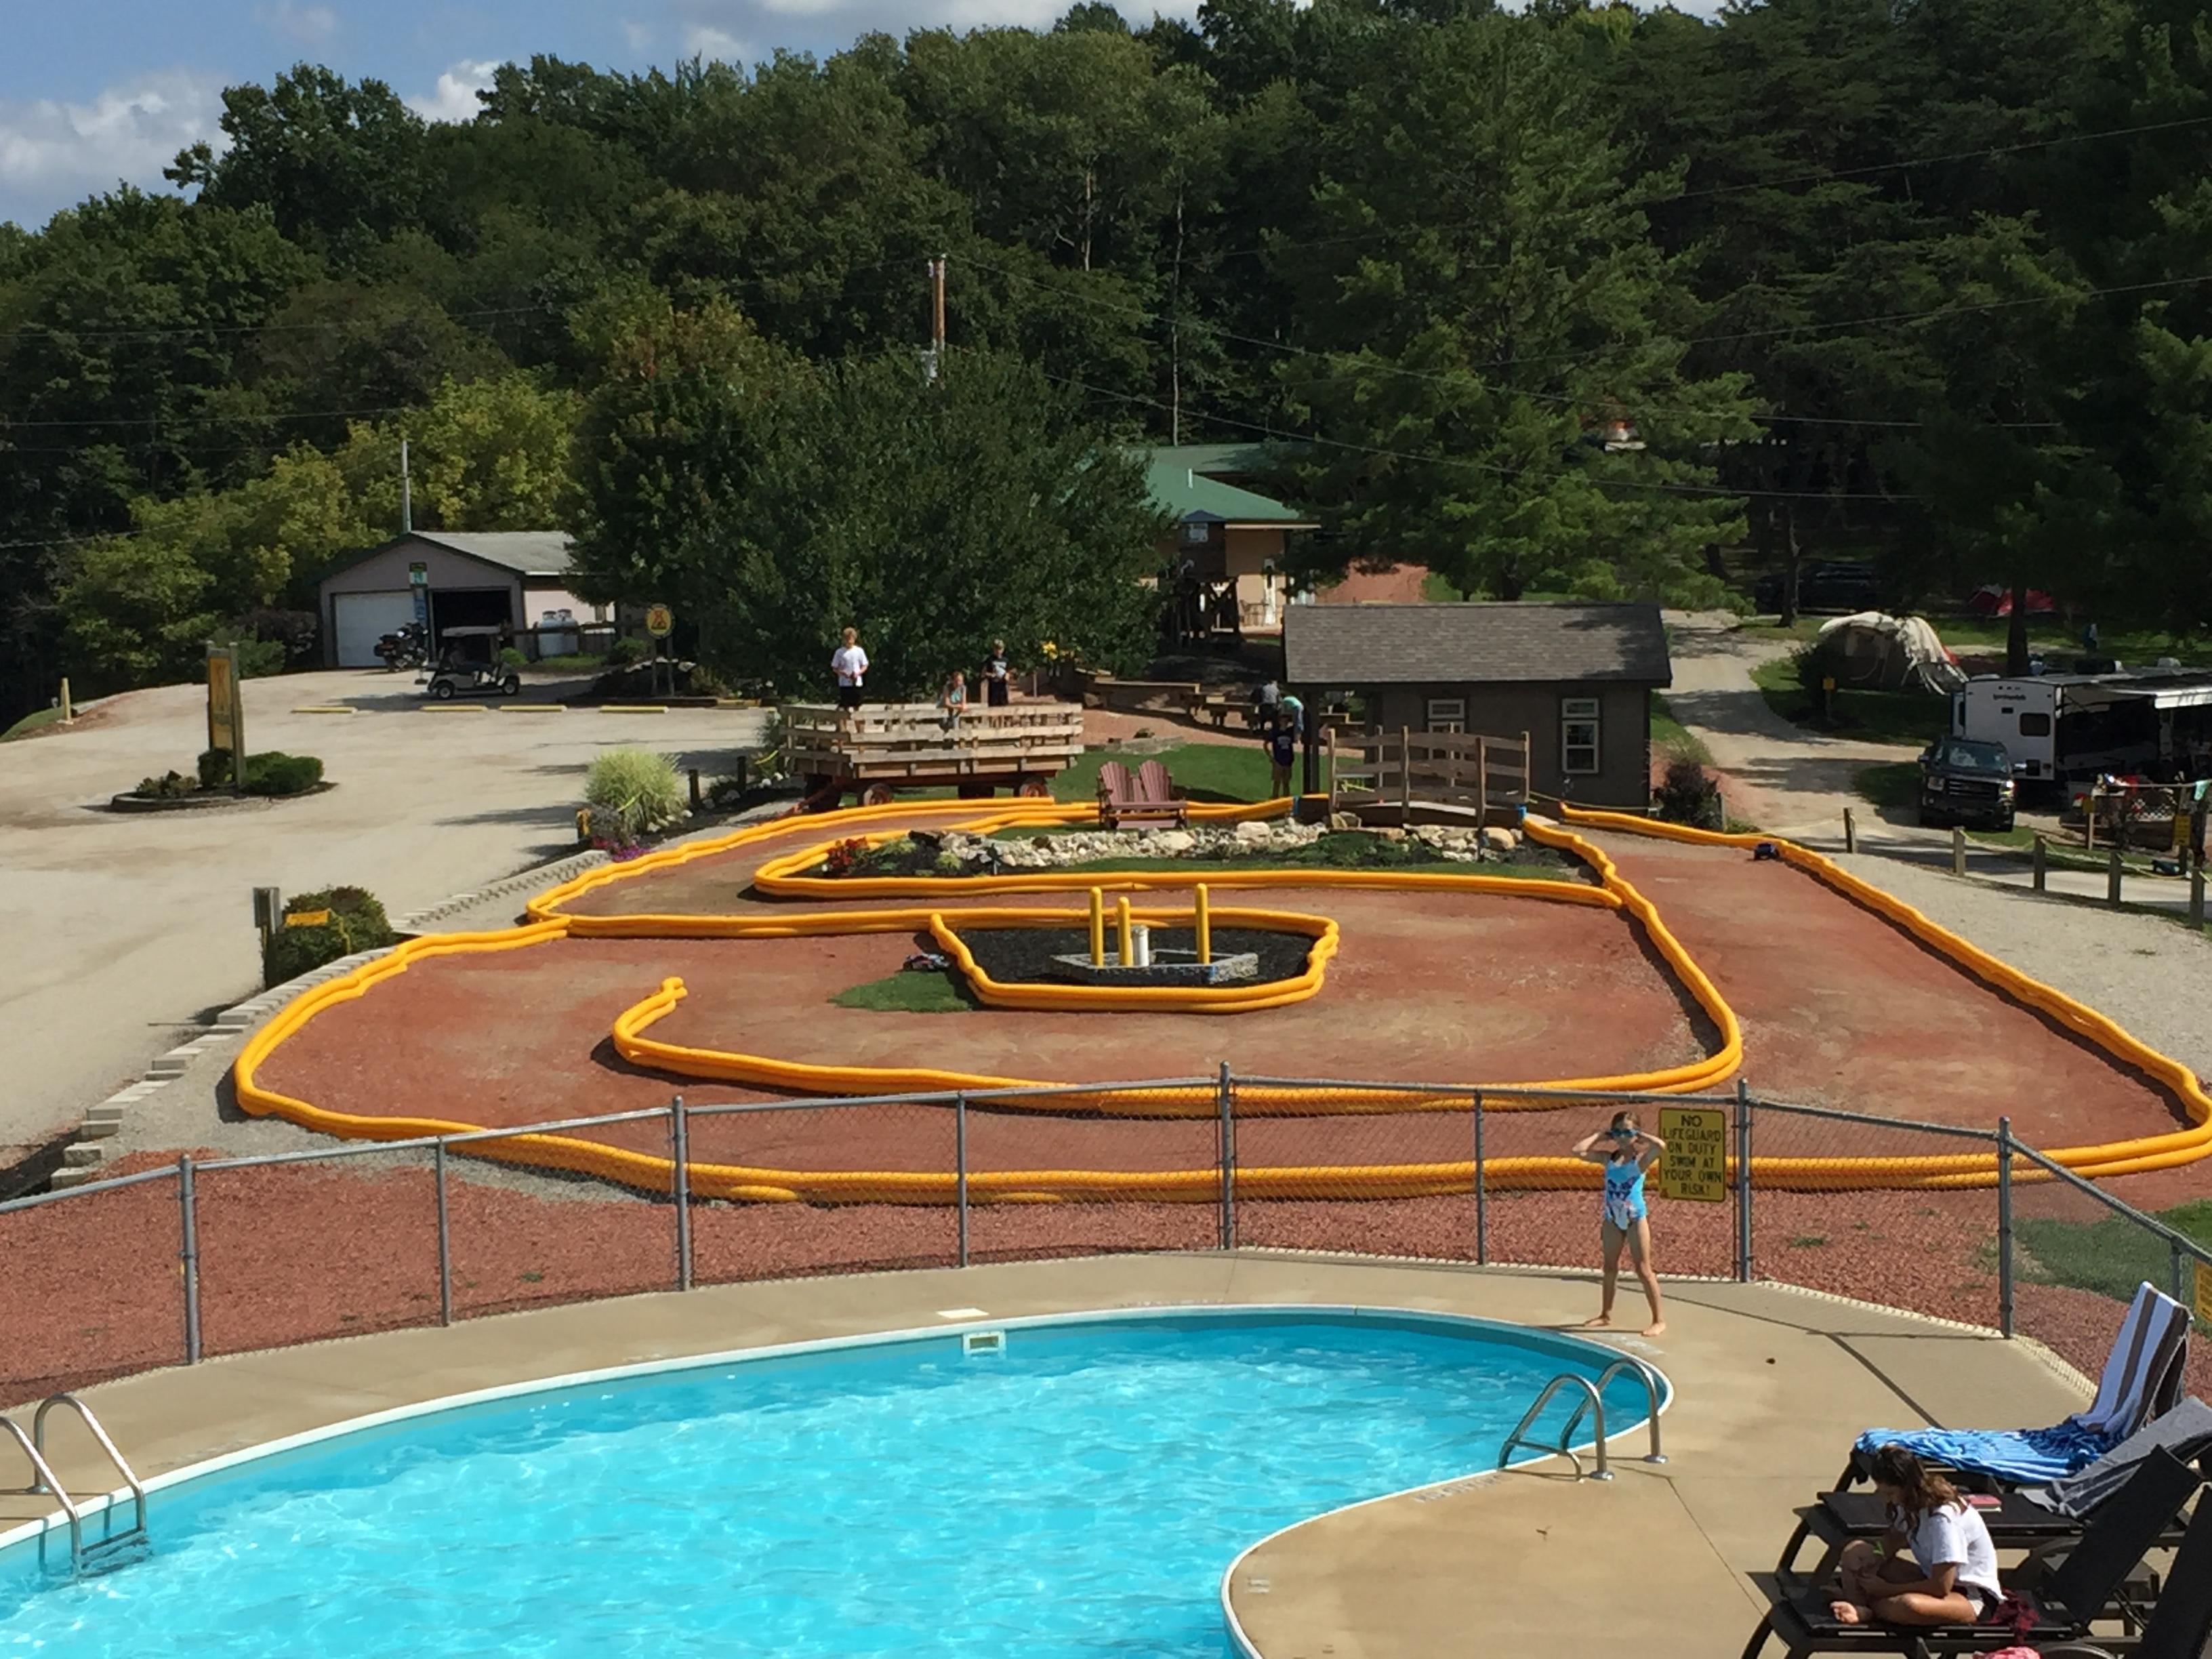 RC Car Racing | Camping | OH | Logan / Hocking Hills KOA Holiday